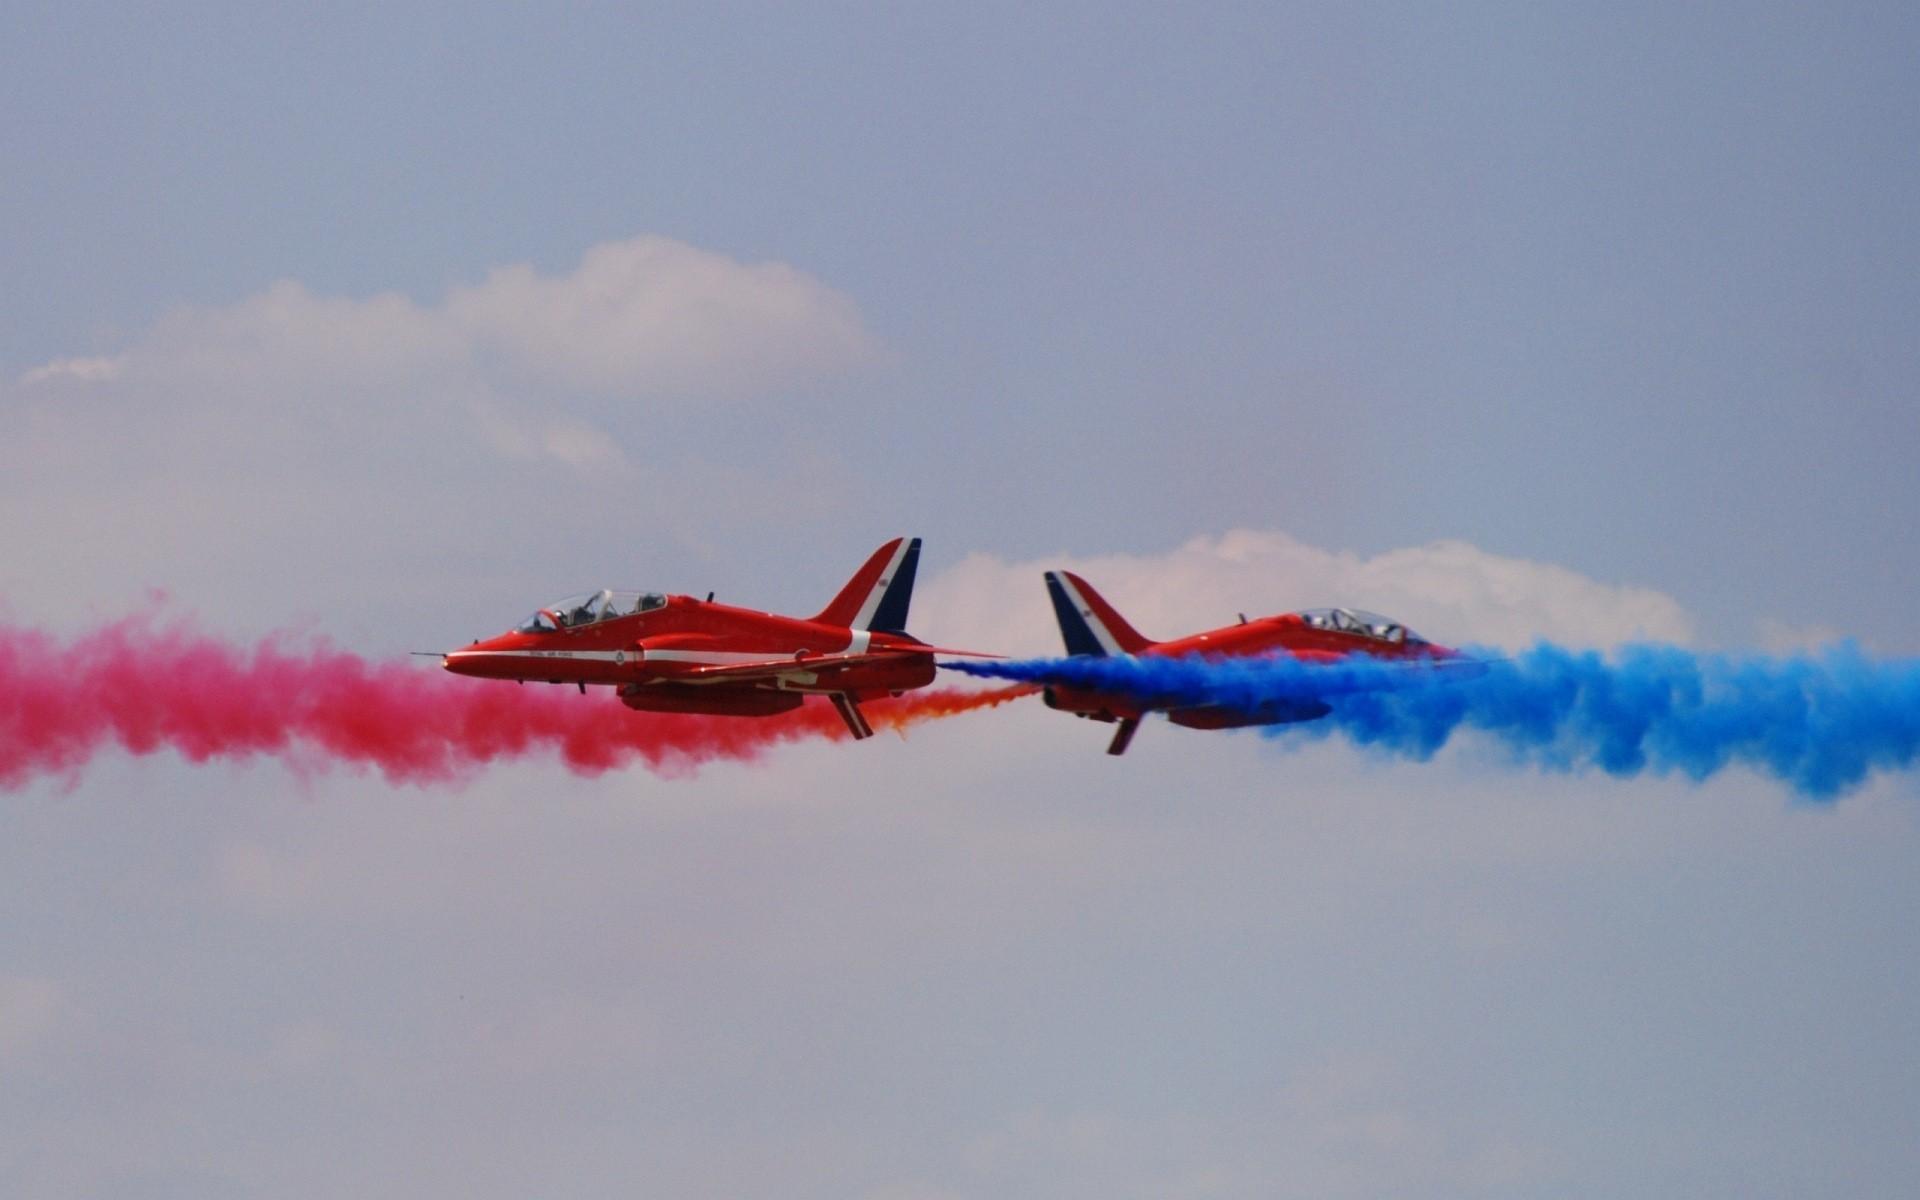 Группа красных самолетов на шоу загрузить